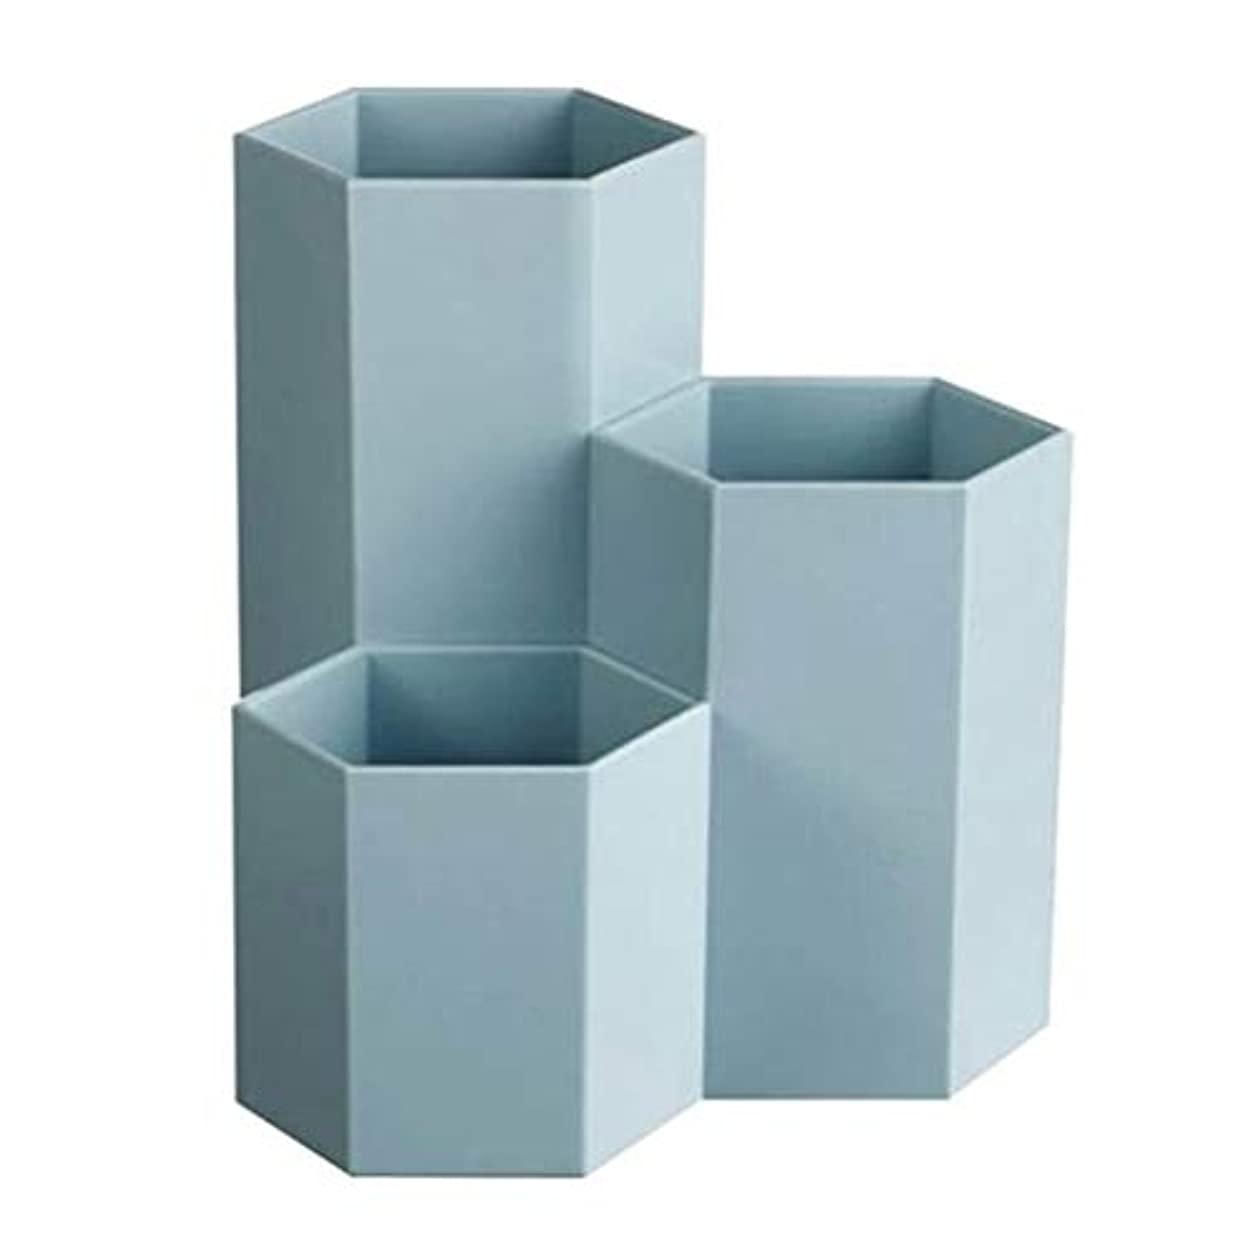 植生昼食列挙するTerGOOSE 卓上収納ケース メイクブラシケース メイクブラシスタンド メイクブラシ収納ボックス メイクケース ペンホルダー 卓上文房具収納ボックス ペン立て 文房具 おしゃれ 六角 3つのグリッド 大容量 ブルー